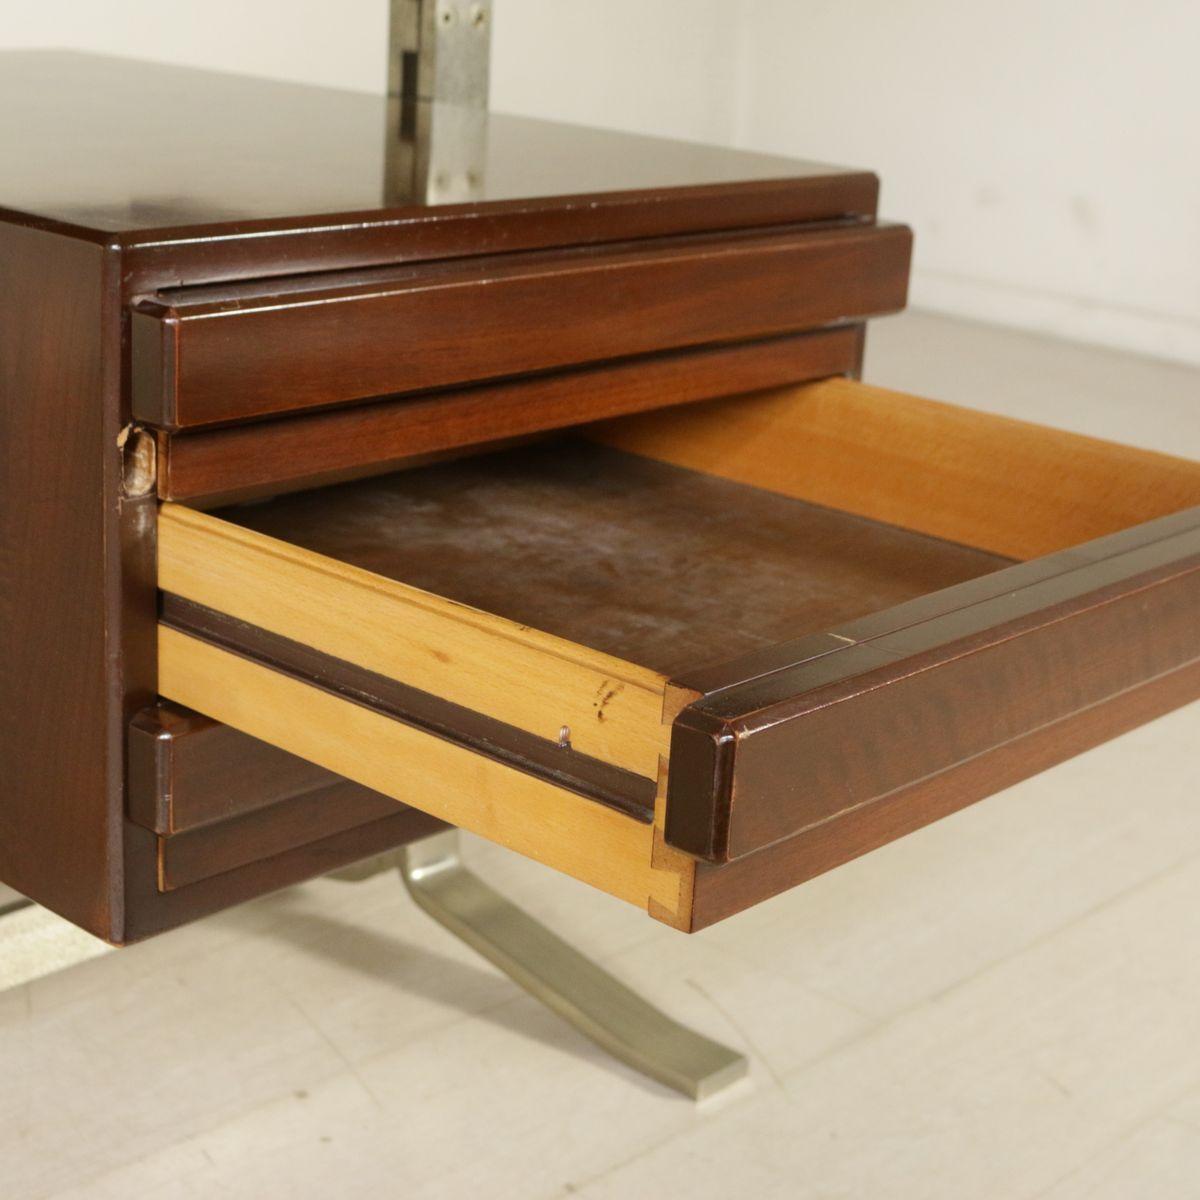 vintage schreibtisch aus walnuss furnier verchromtem metall mit schubladen von formanova bei. Black Bedroom Furniture Sets. Home Design Ideas